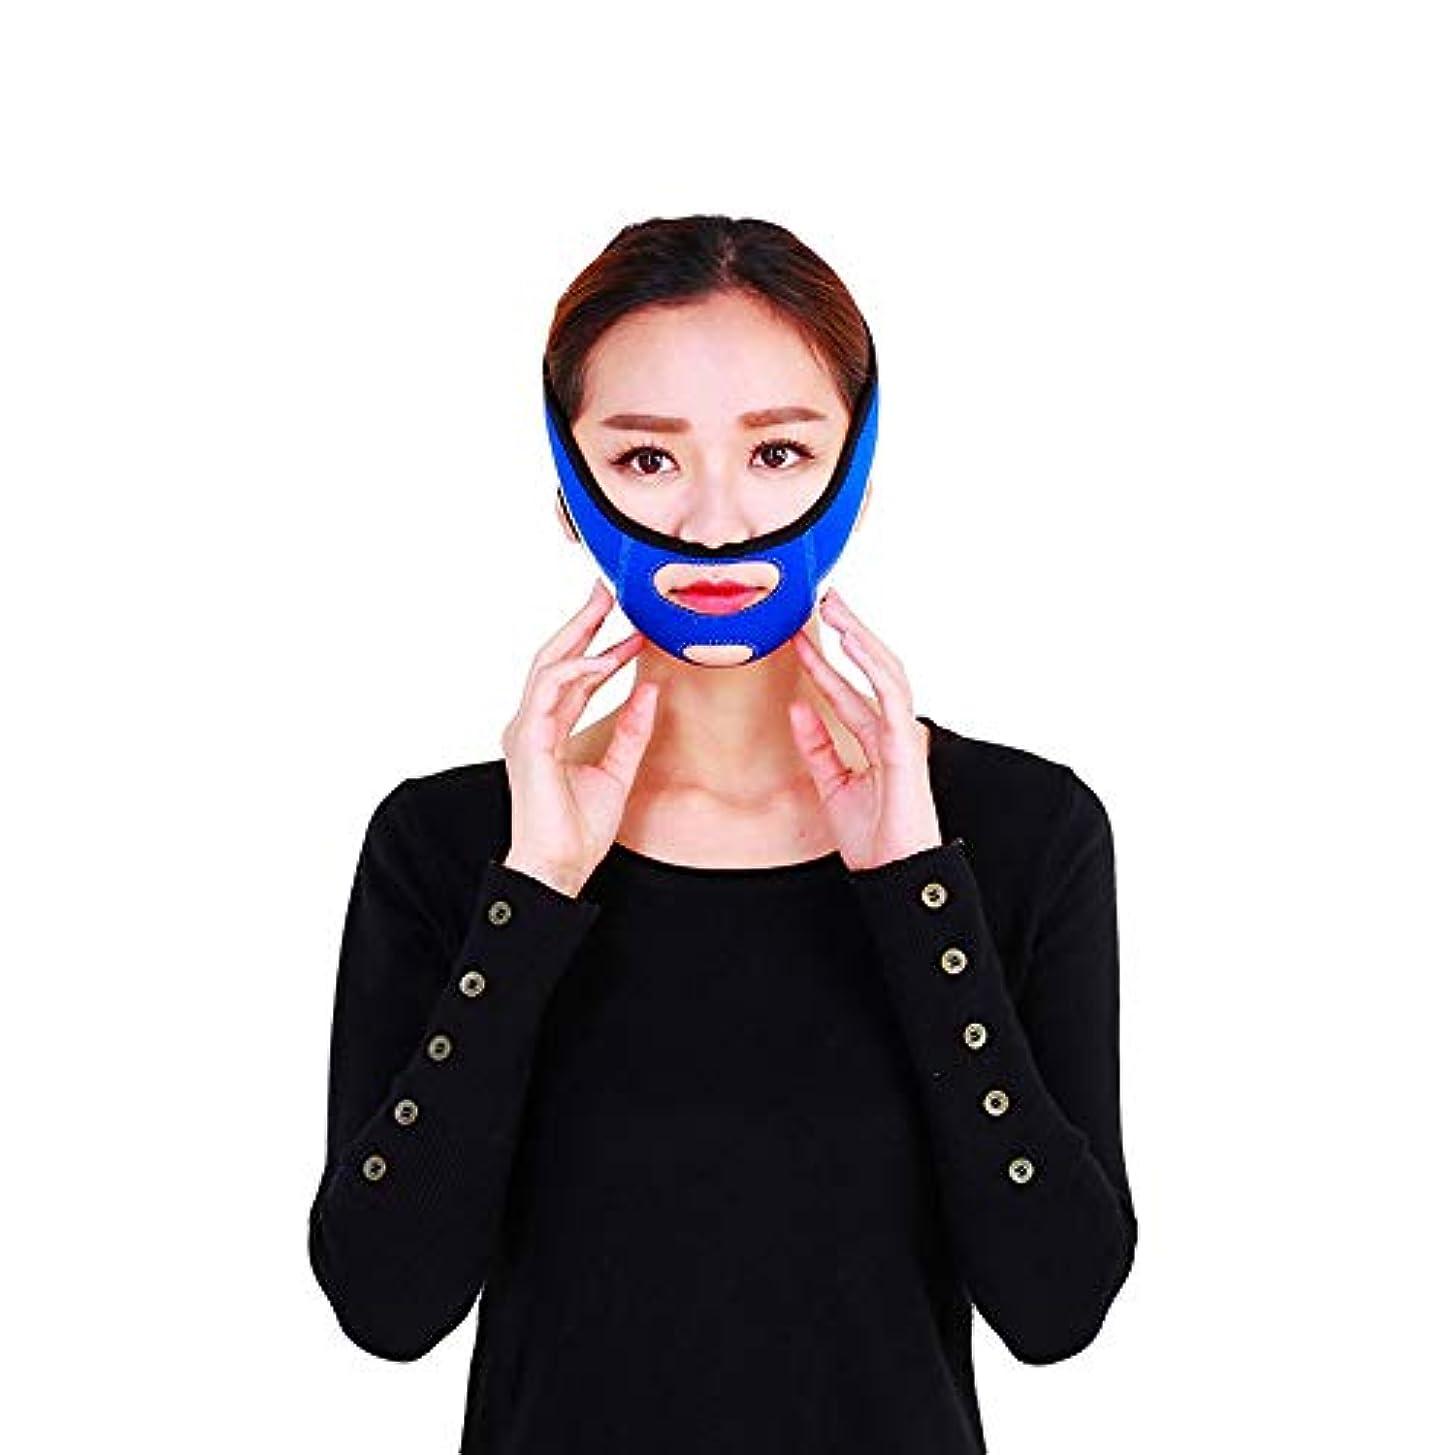 数幅ピンポイントGYZ フェイシャルリフティング痩身ベルトフェーススリム二重あごを取り除くアンチエイジングリンクルフェイス包帯マスク整形マスクが顔を引き締める Thin Face Belt